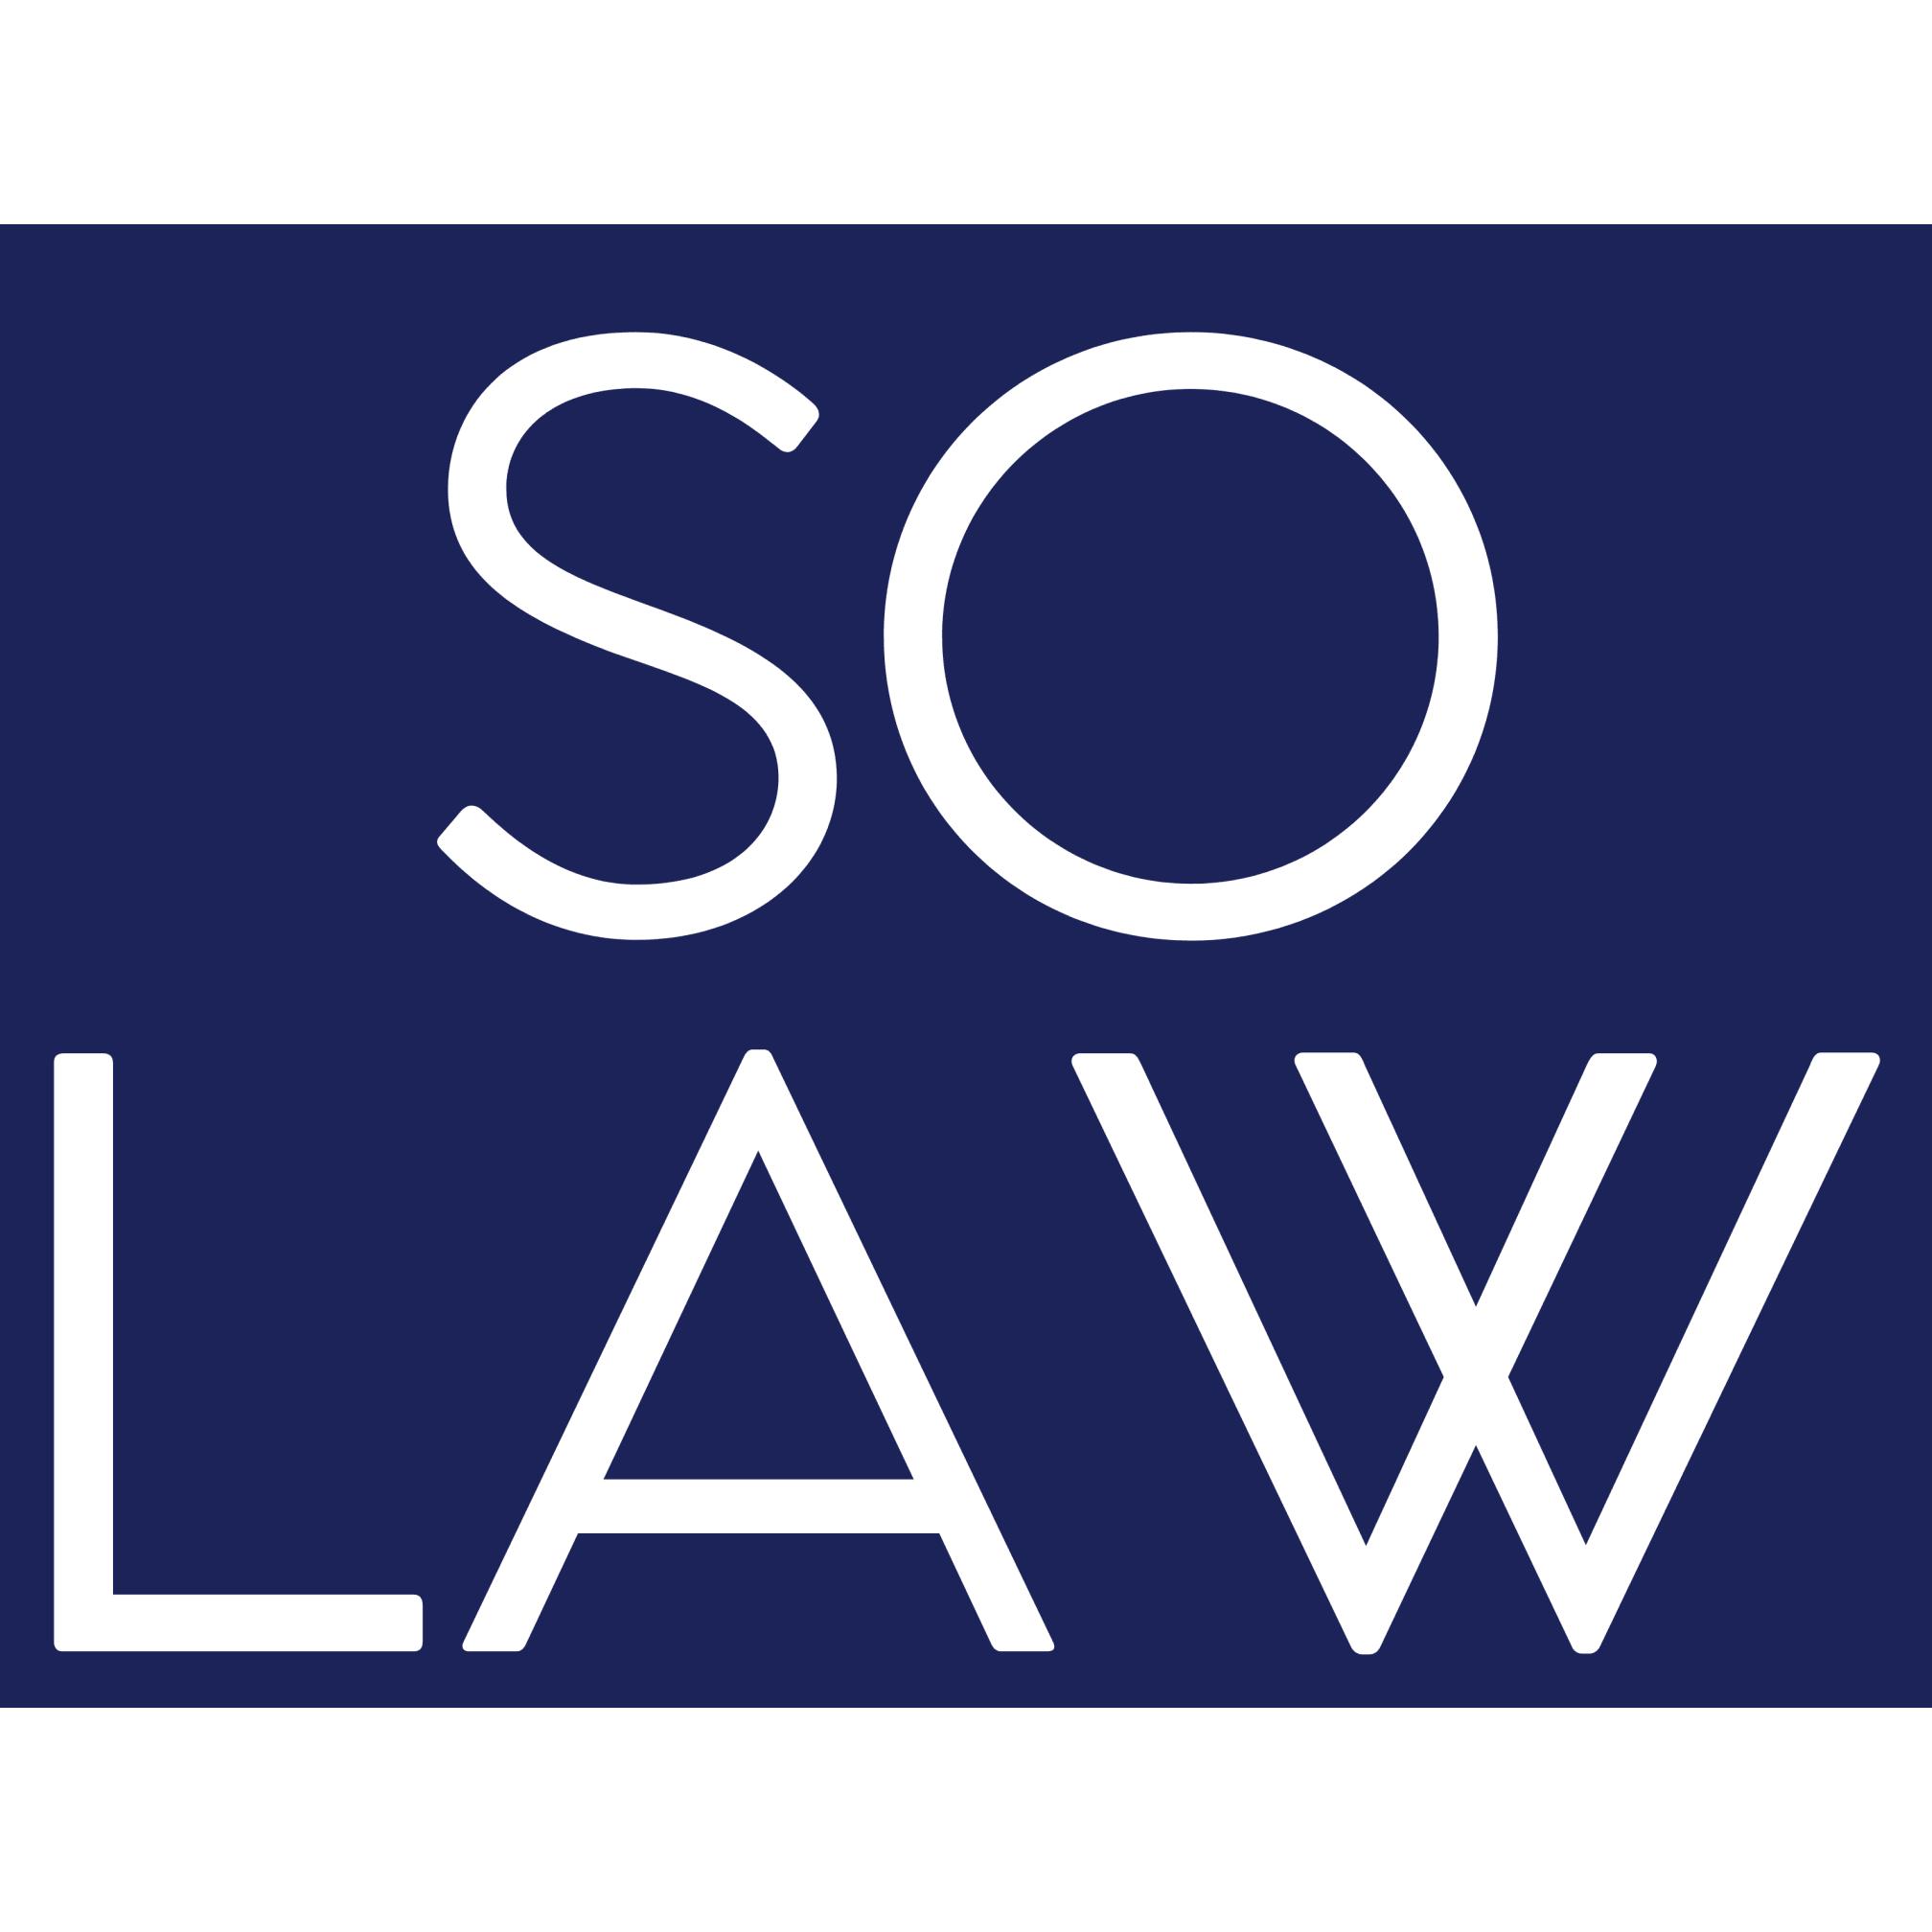 SO Law